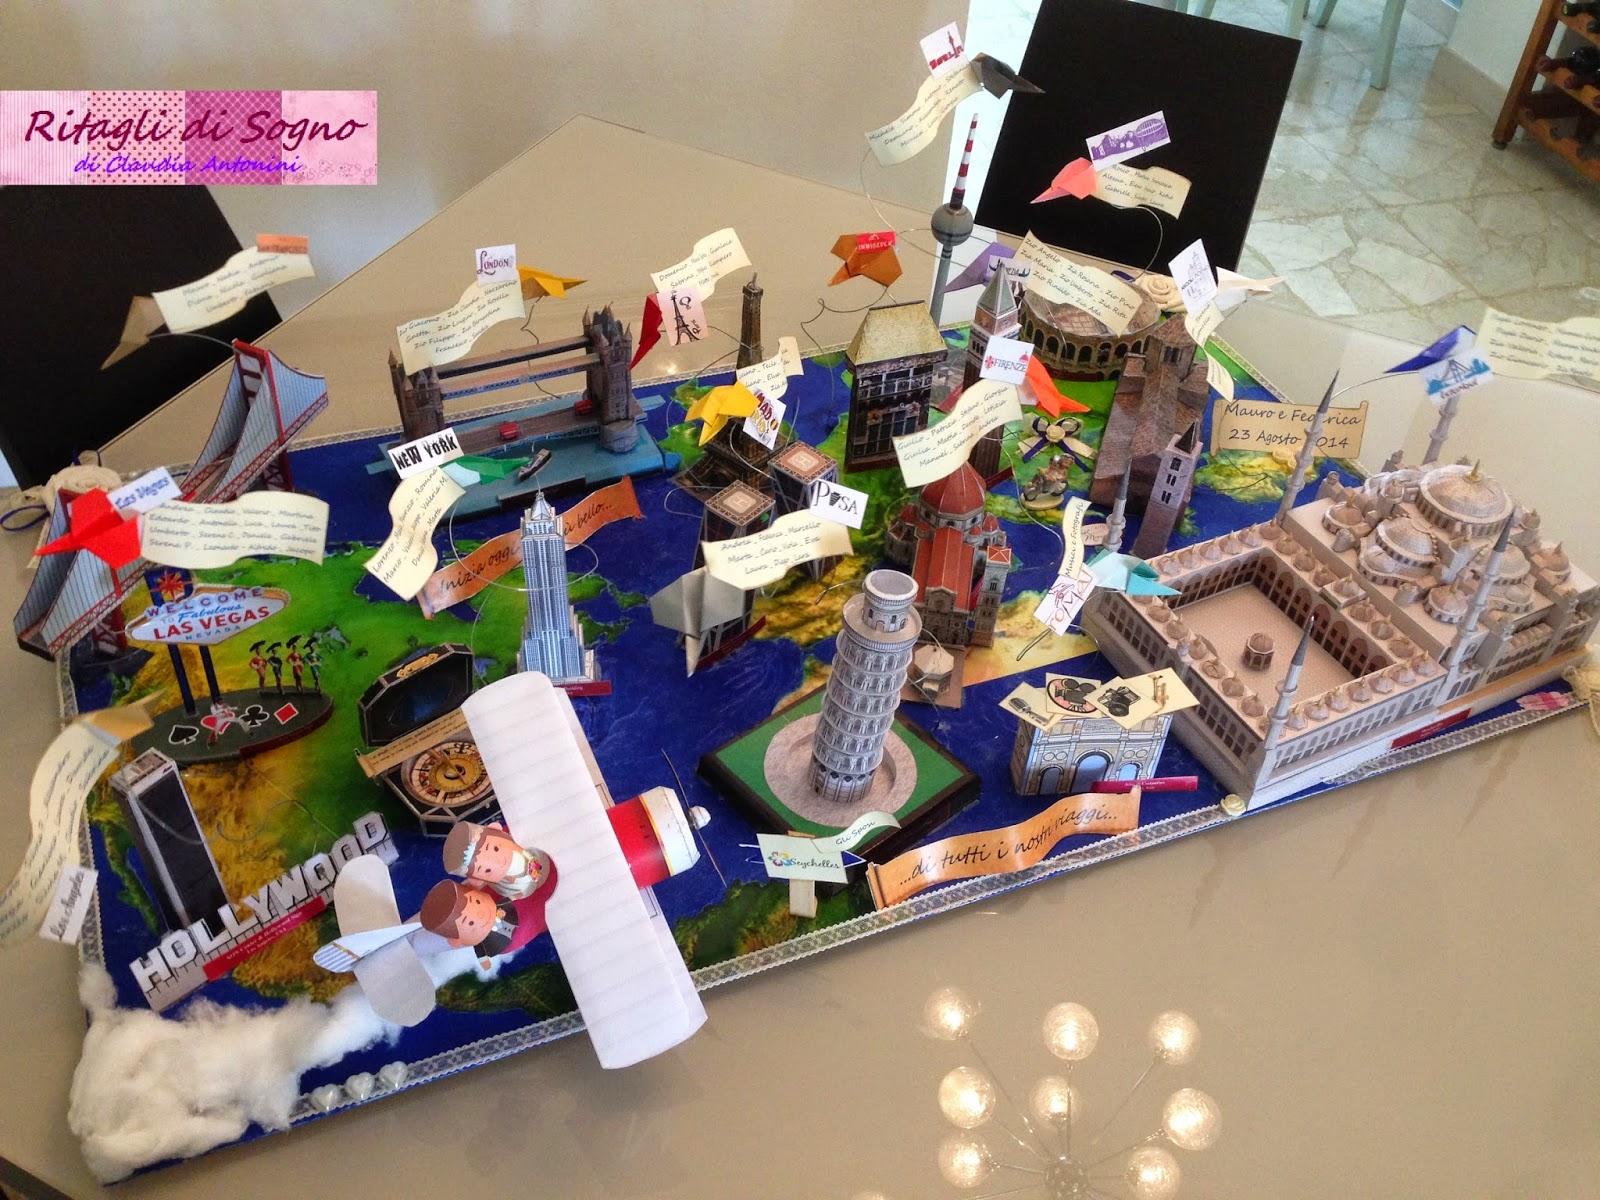 Matrimonio Tema Lego : Ritagli di sogno tableau d a tema viaggi quot inizia oggi il